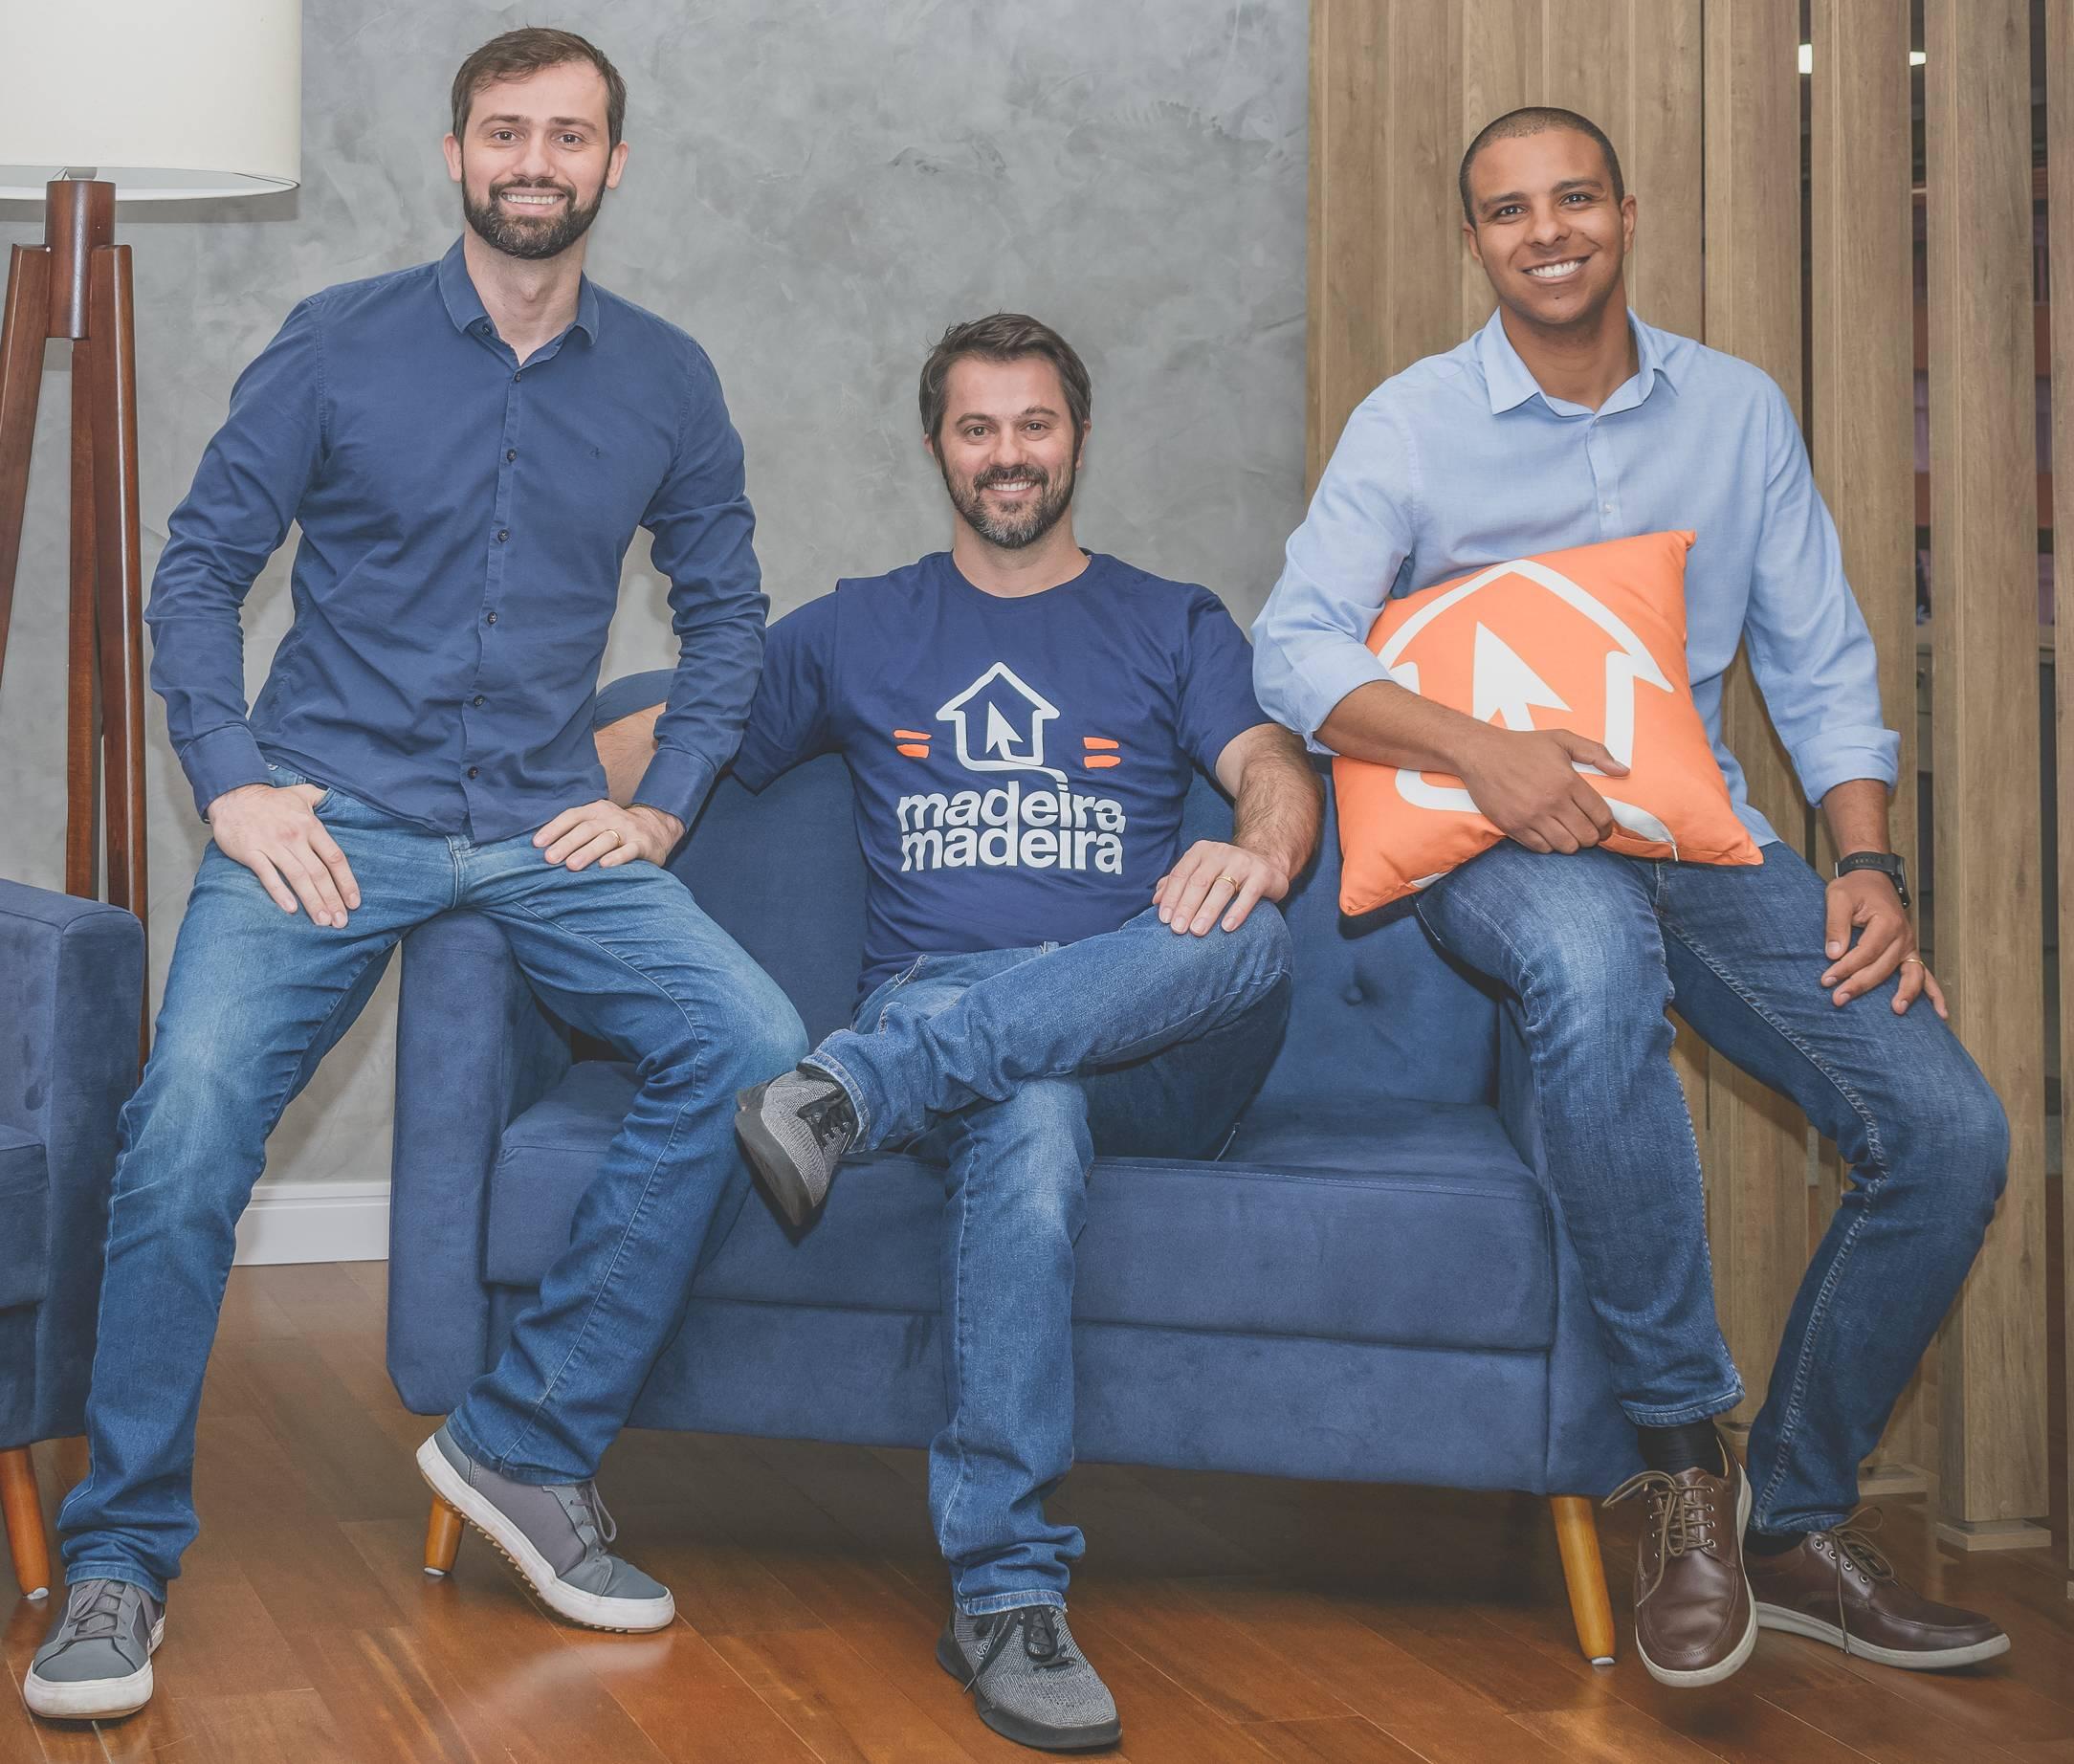 Na foto, Marcelo e Daniel Scandian e Robson Privado. Foto: divulgação/MadeiraMadeira